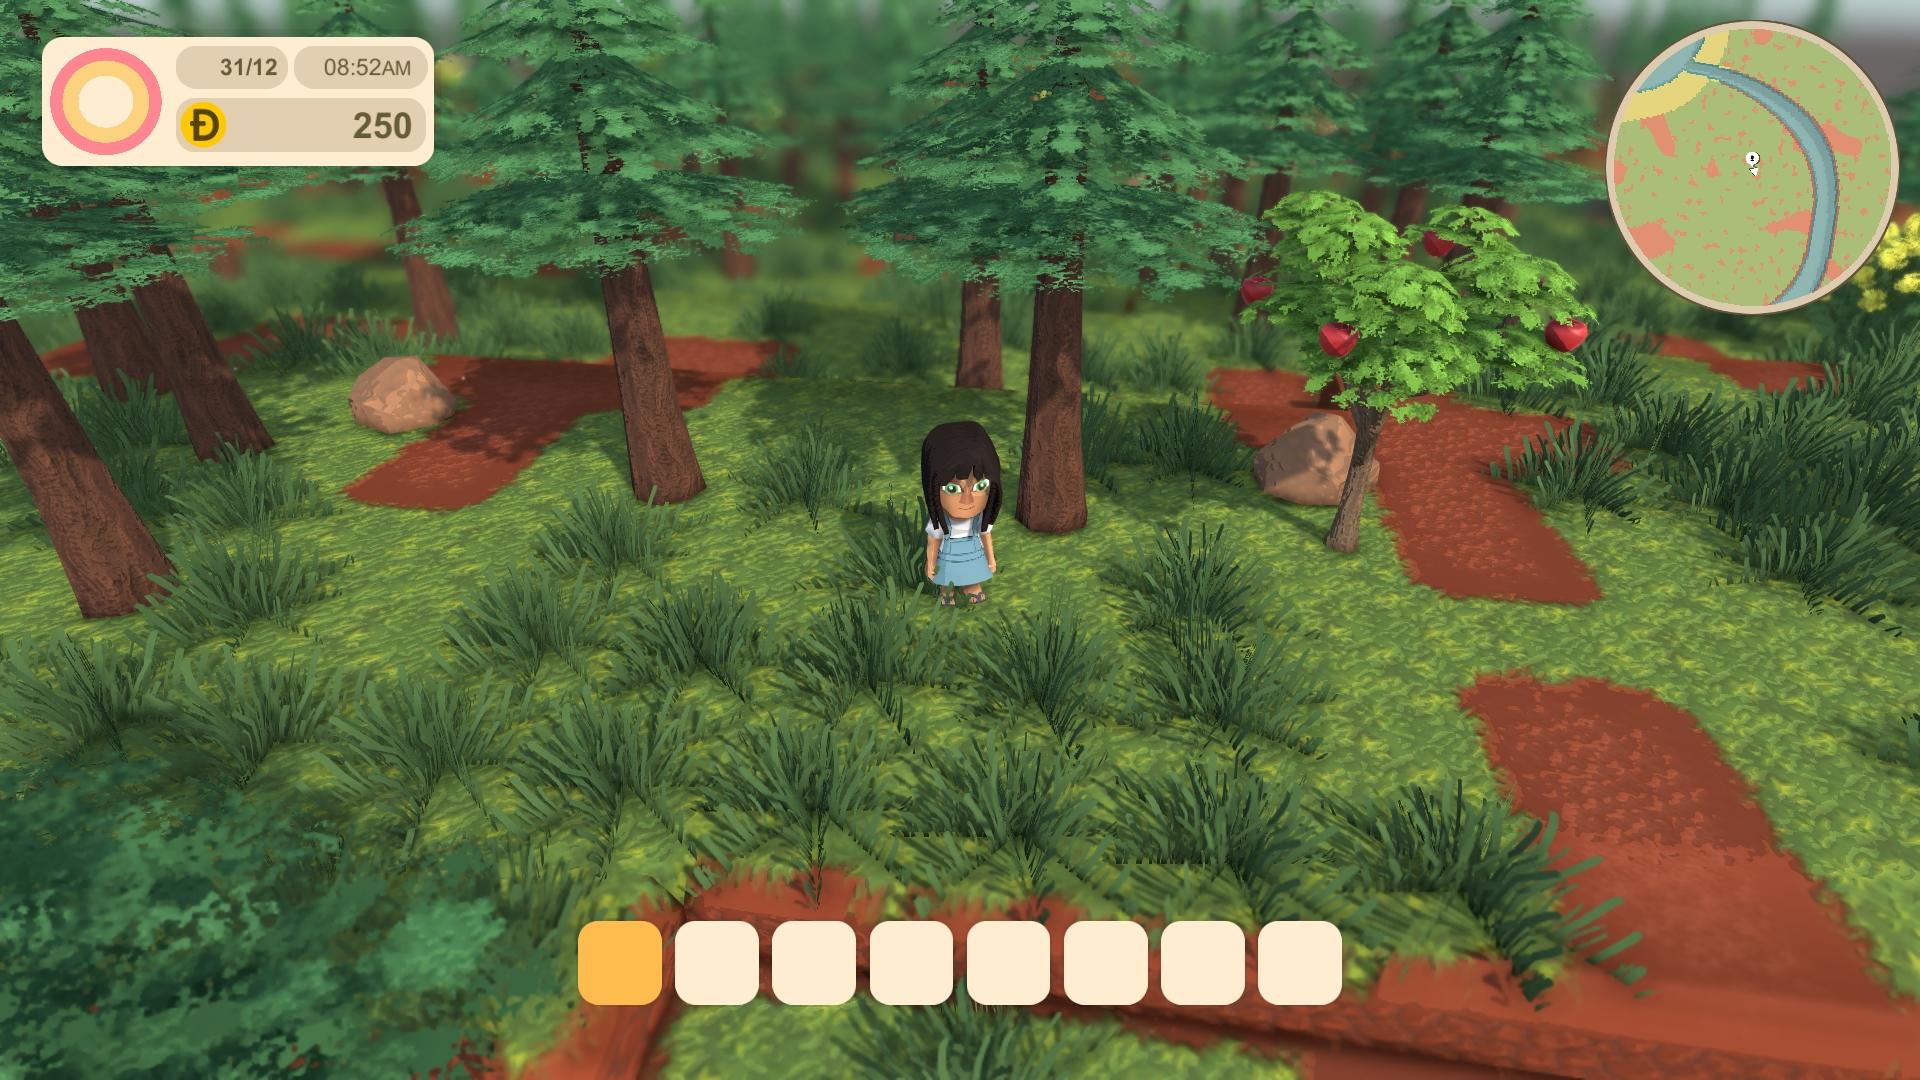 pineBiomeScreenShot.jpg